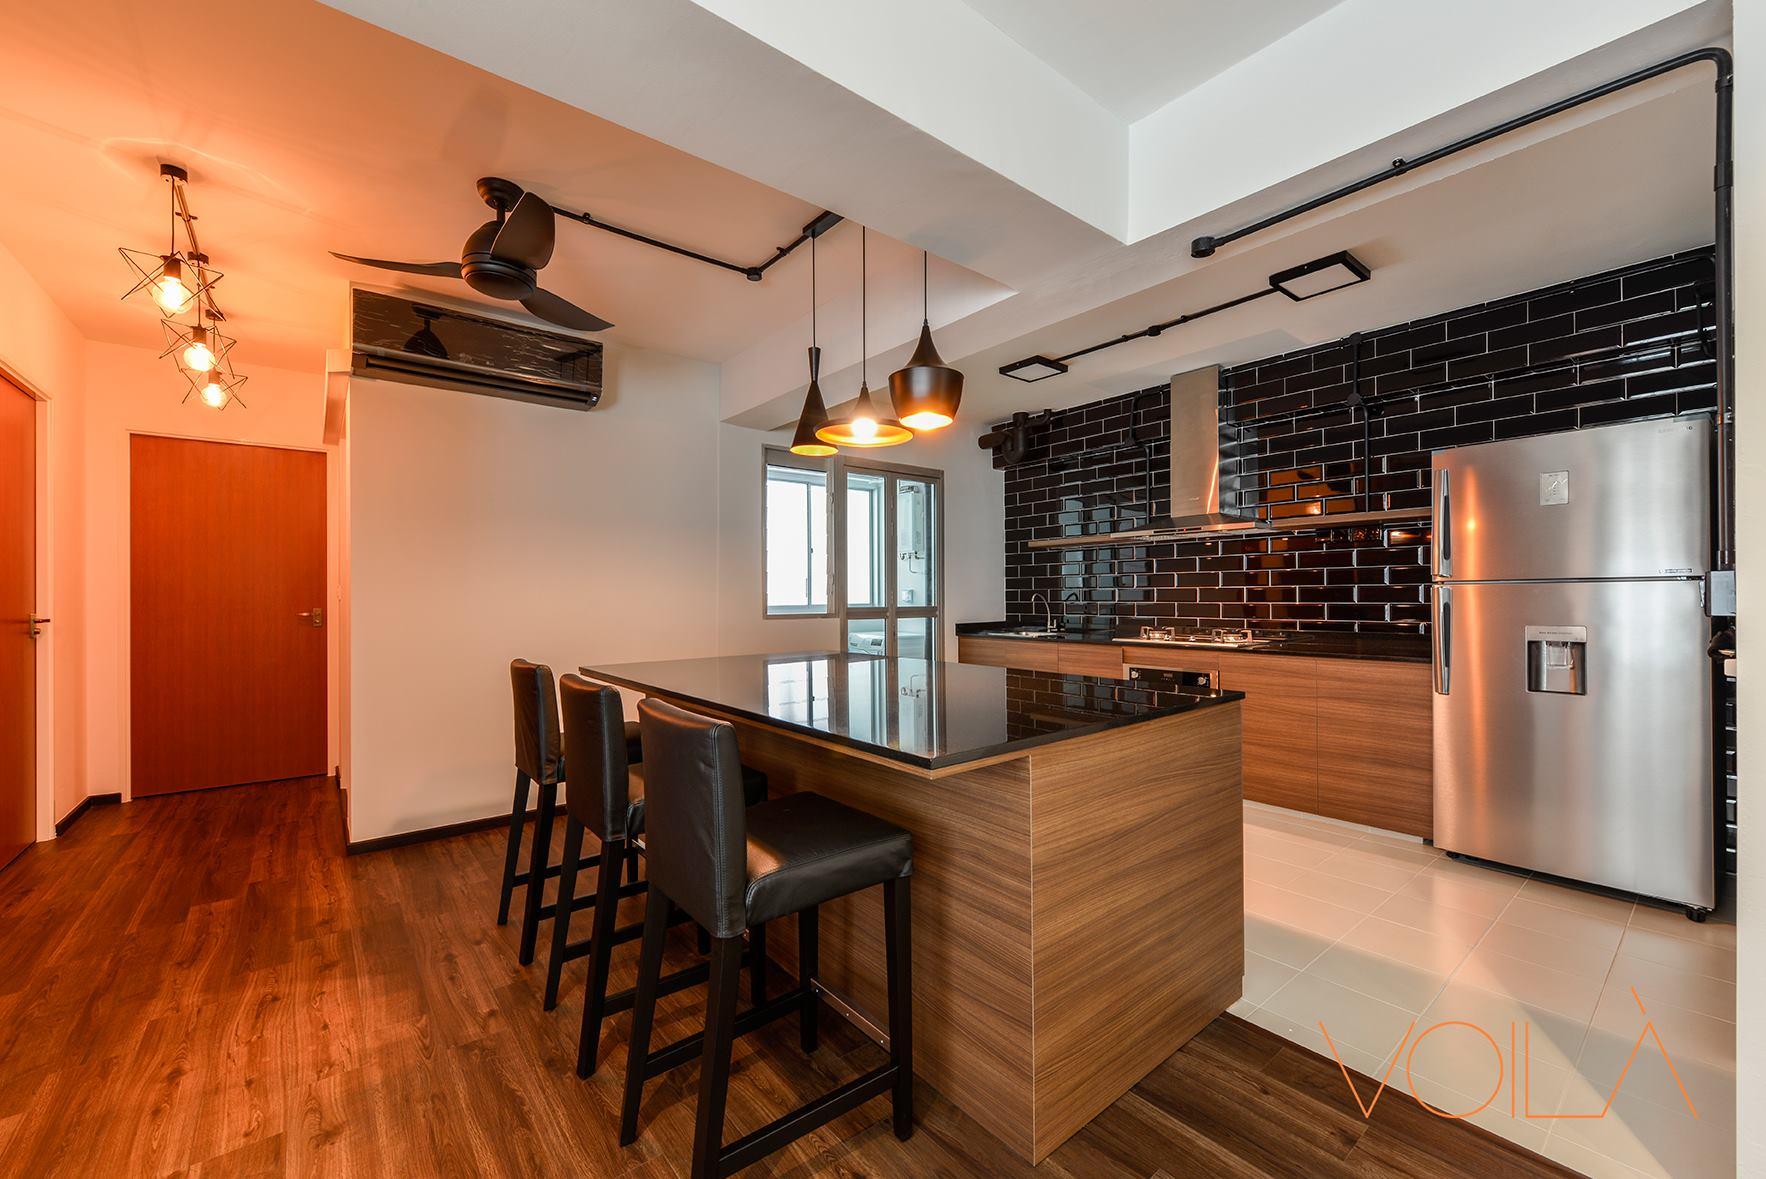 Interior design 4 home renovation singapore for Interior design singapore